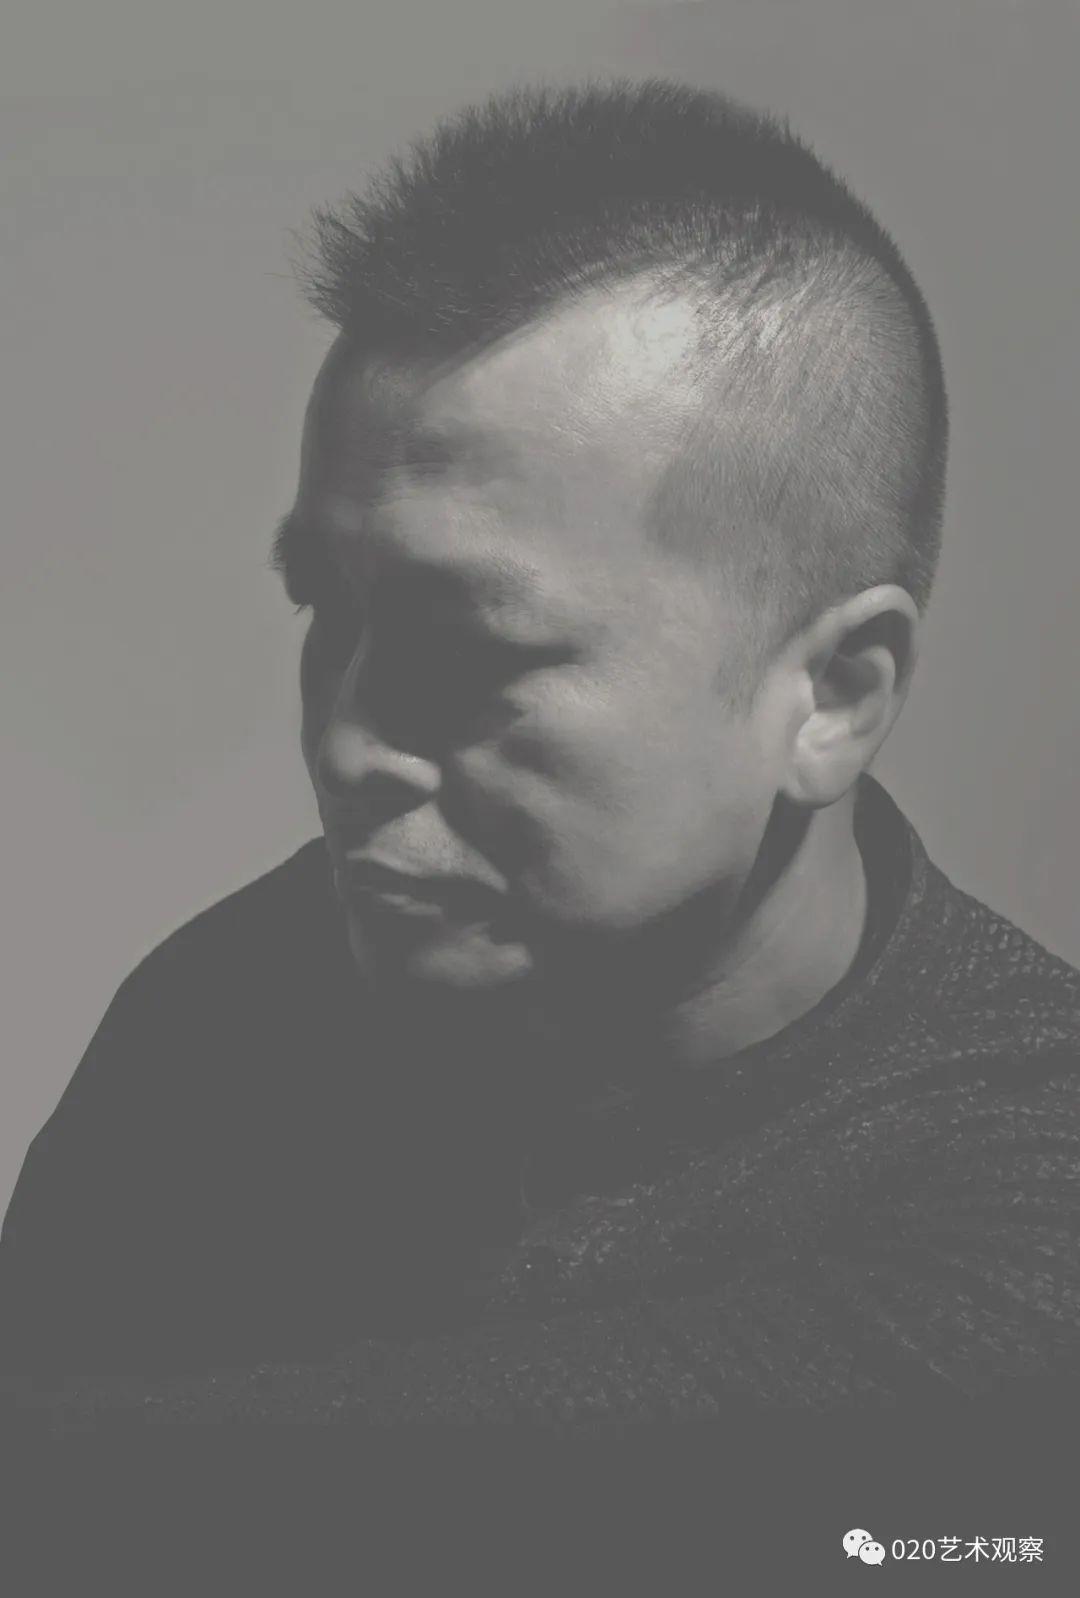 陈永忠:希望在造型作品里,让观者感觉到真实中的一种震撼。